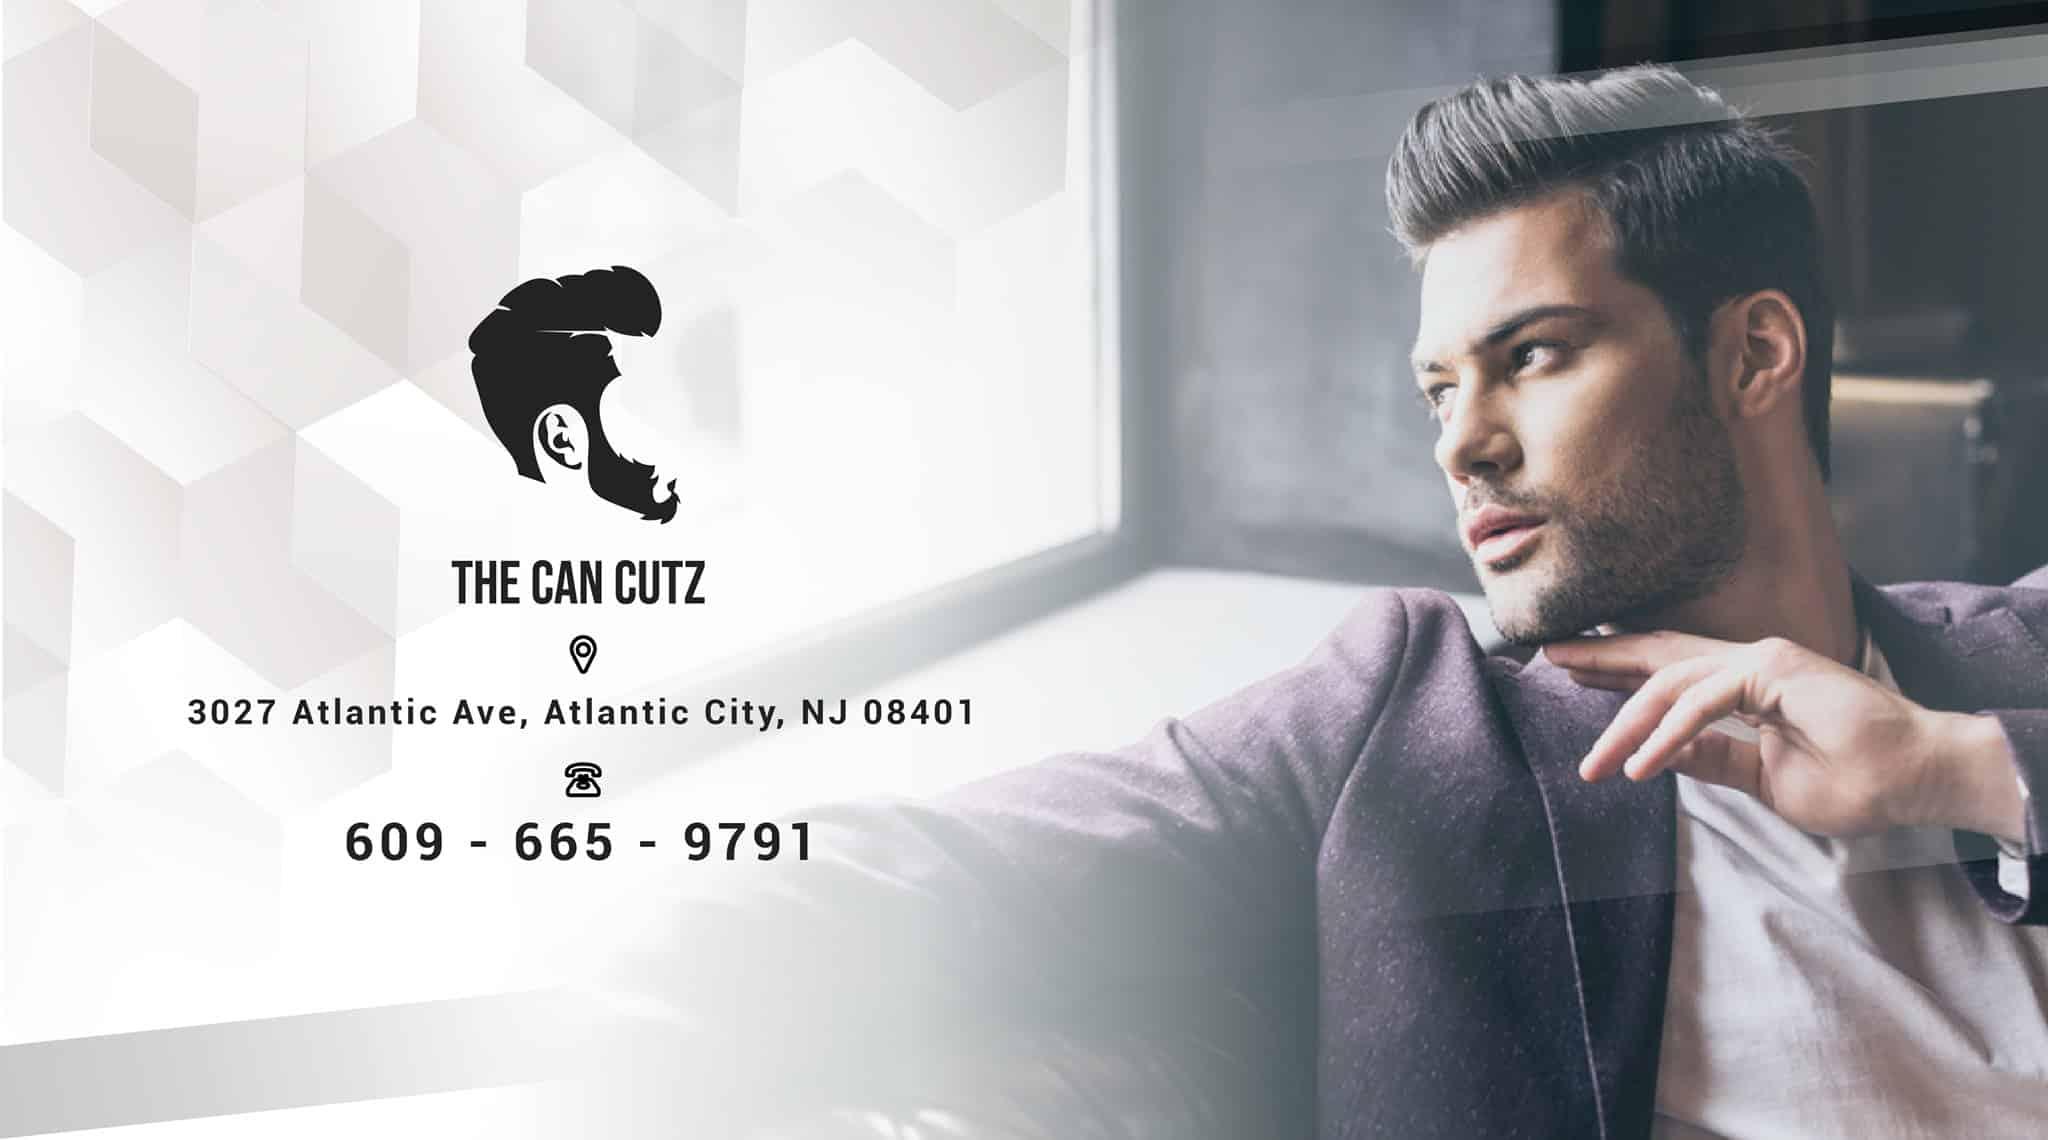 Tại sao phải lái xe đi Philly để cắt tóc?